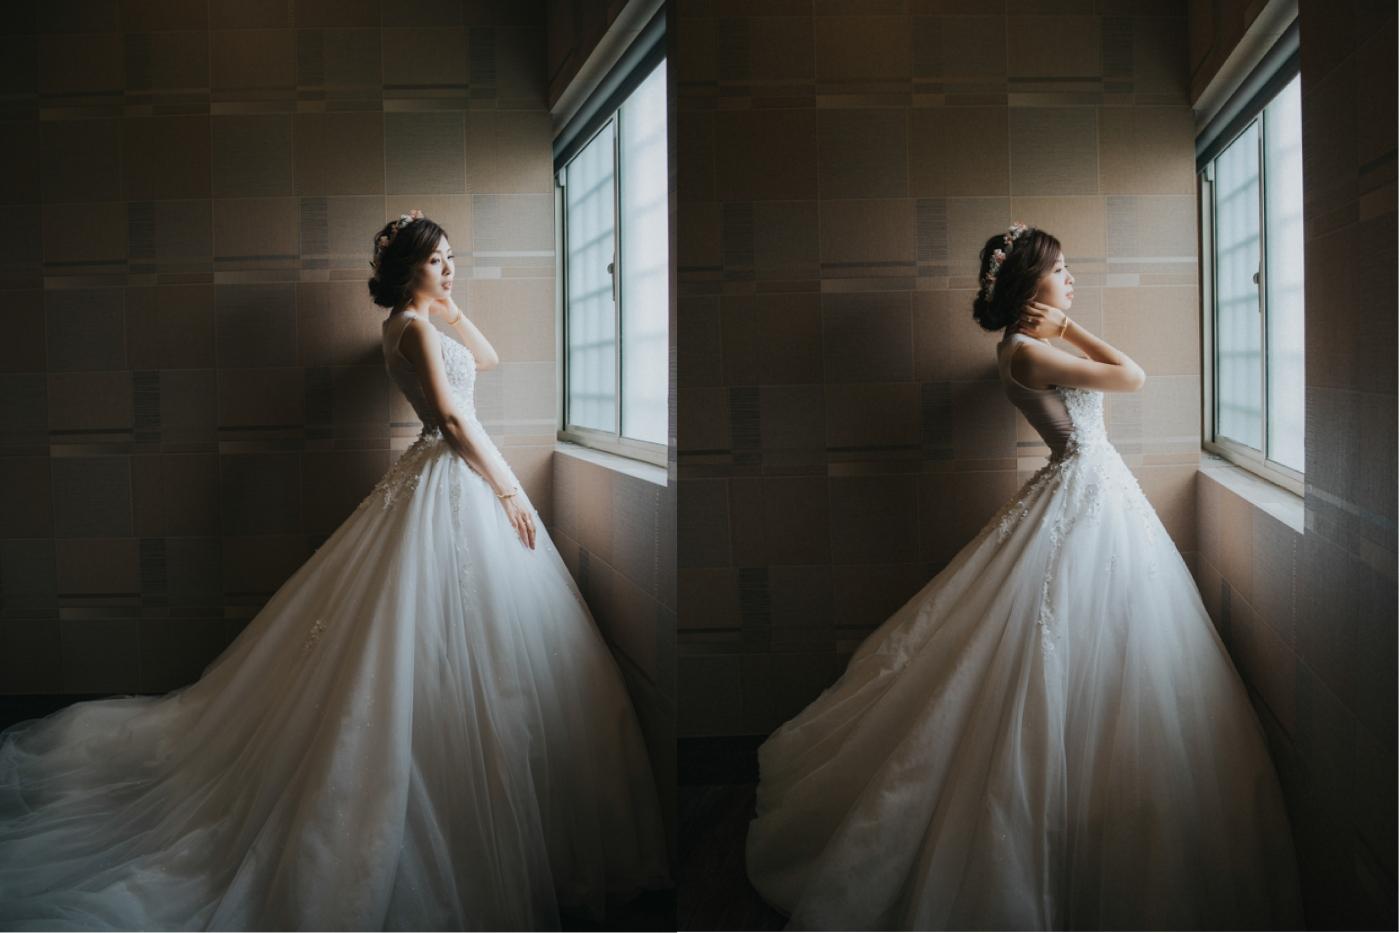 文定儀式|嘉義婚攝推薦|婚禮紀錄|MR2|嘉義新秘推薦|新娘秘書|新娘秘書推薦|雨晴新娘秘書